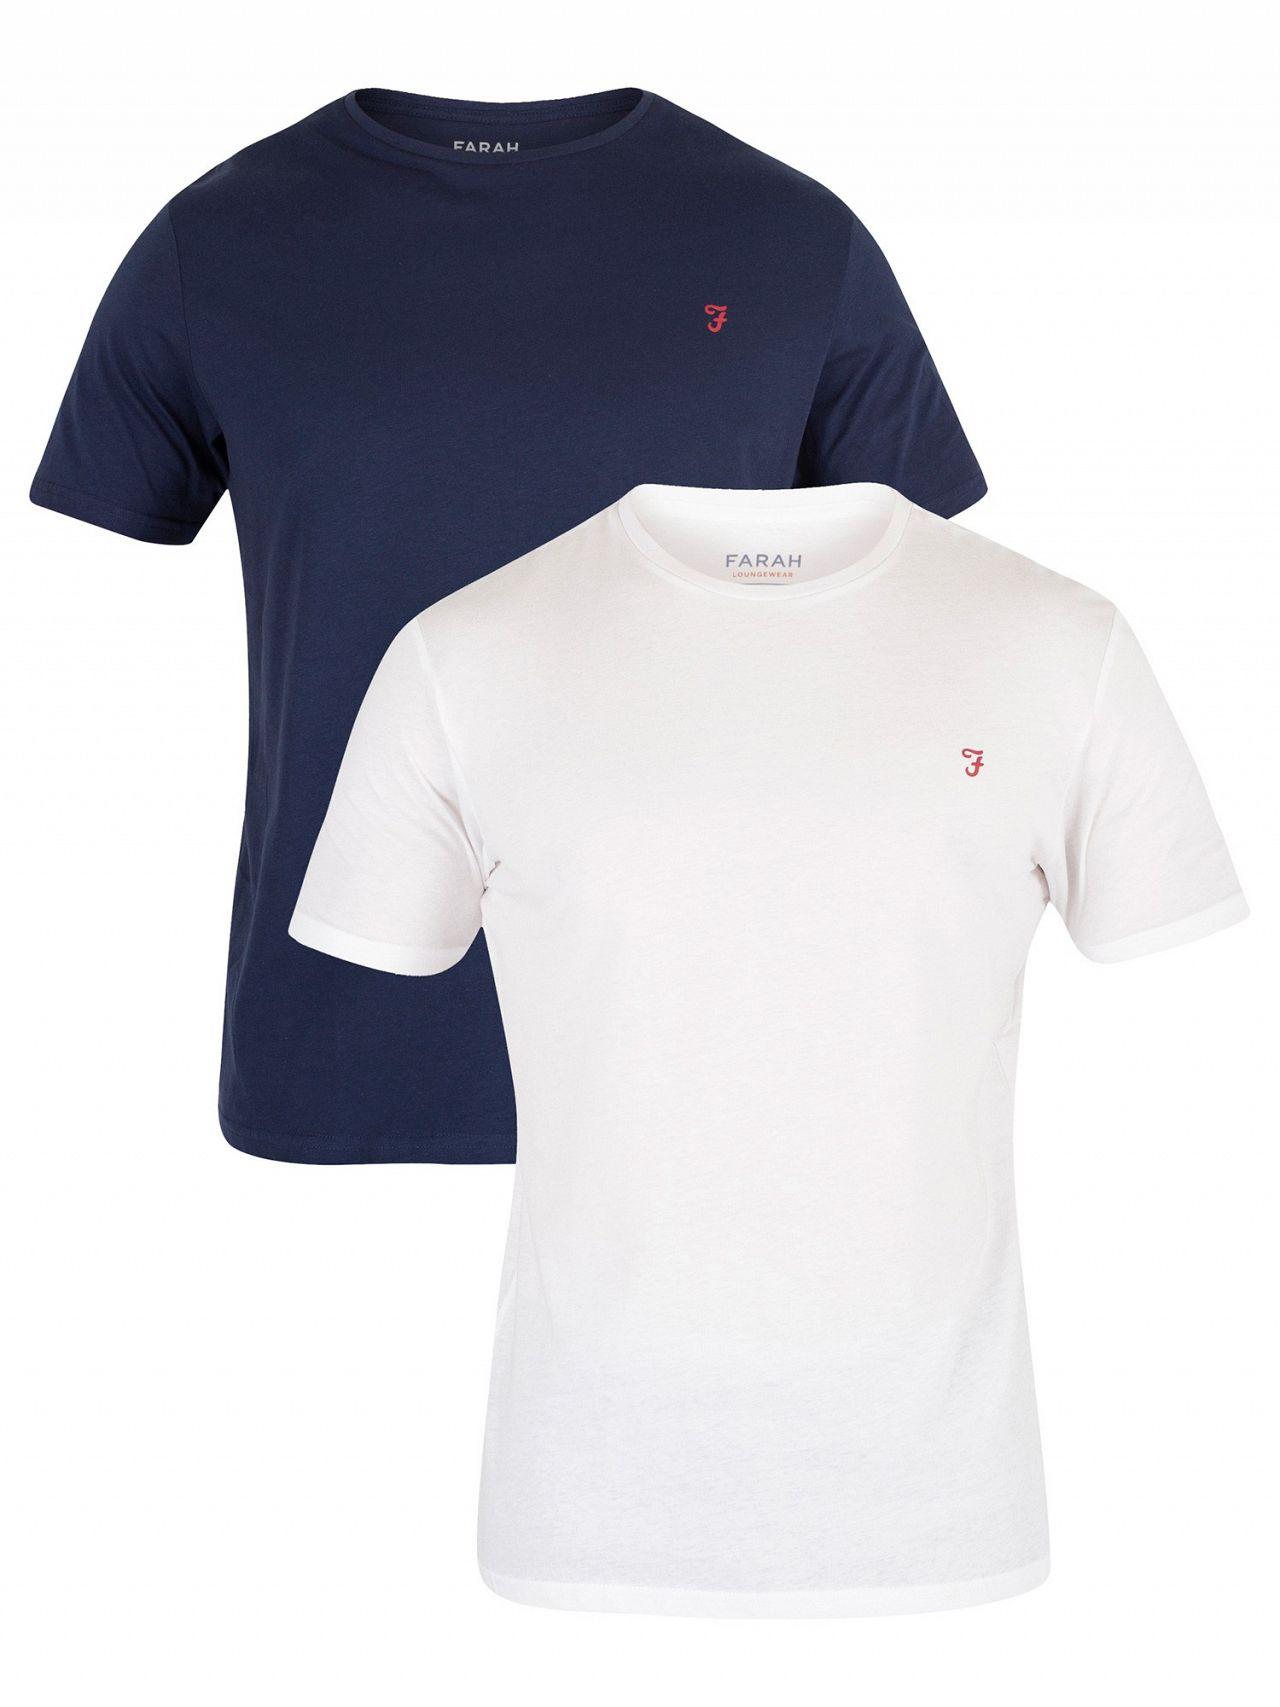 Farah Vintage Navy White 2 Pack Pinehurst T-Shirt  aeb9ca07c